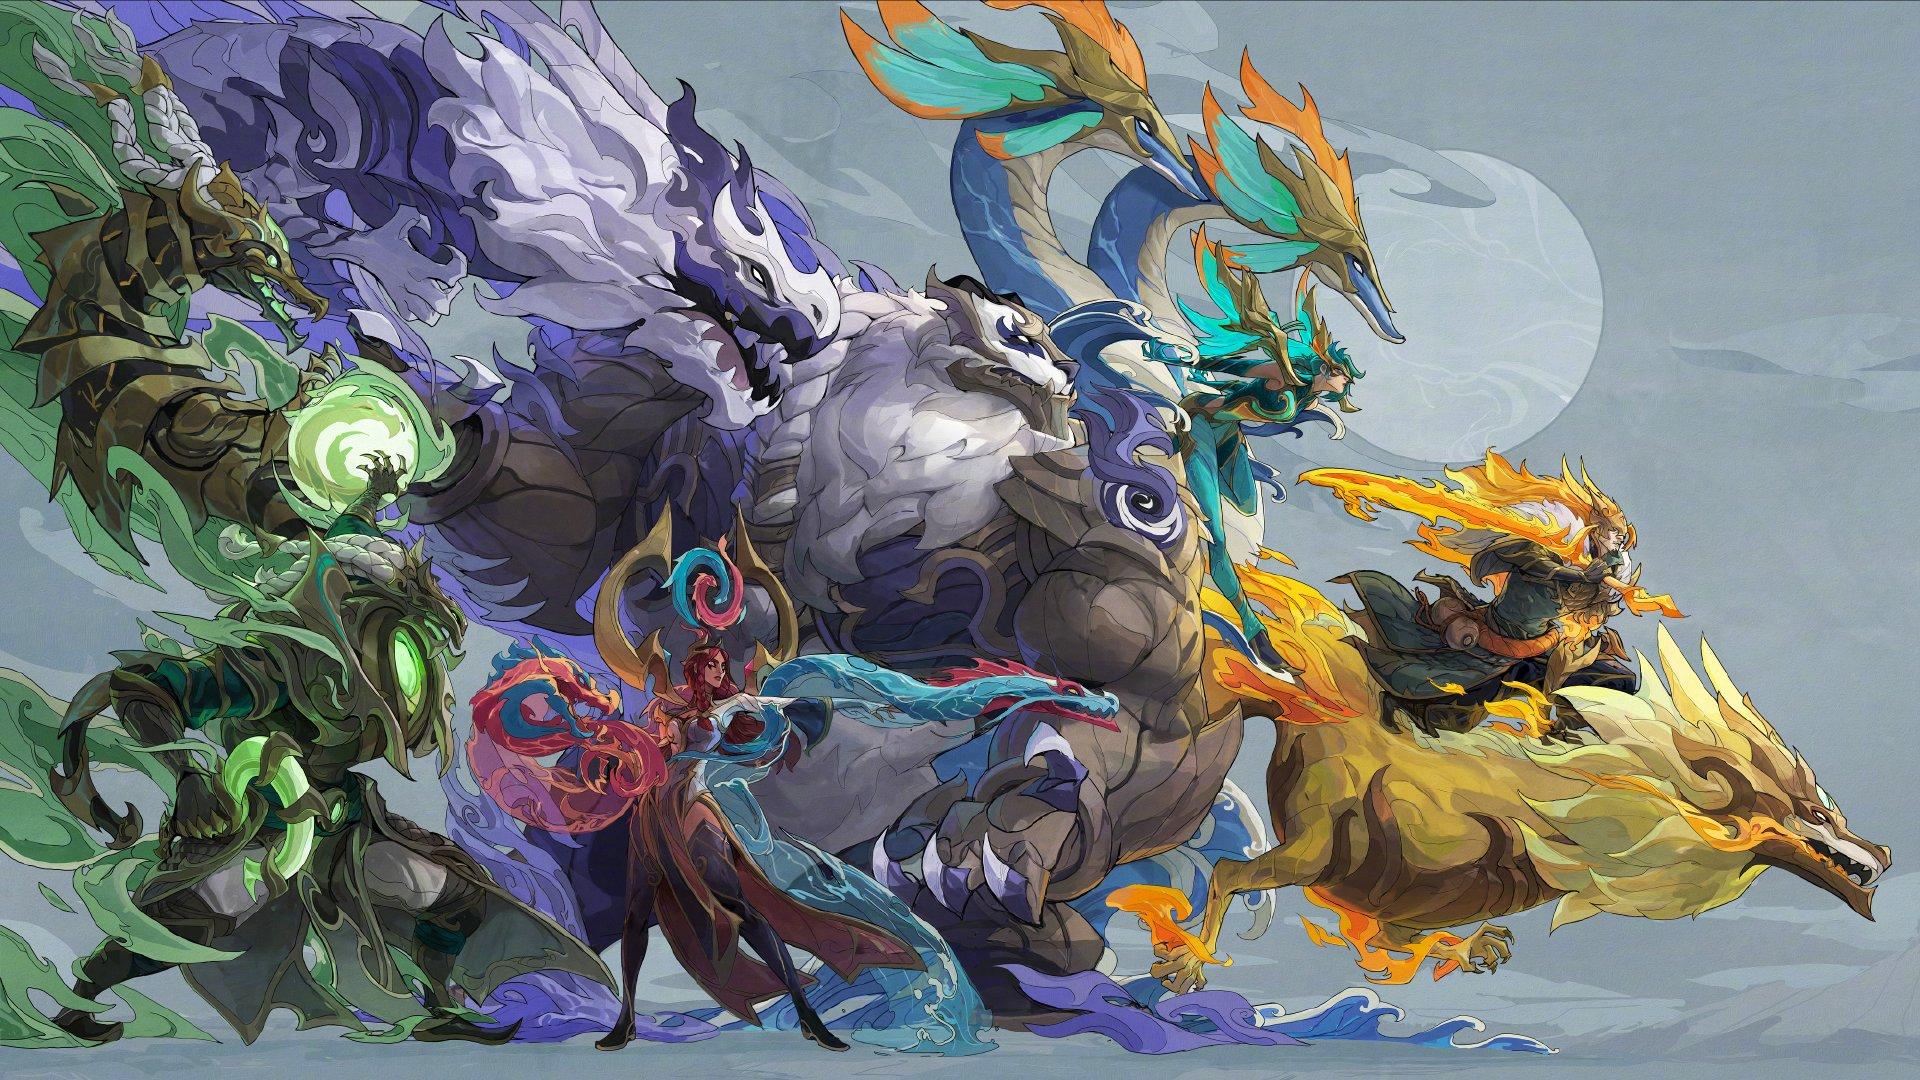 《英雄联盟》神龙尊者系列皮肤公布 特效炫酷插画华丽